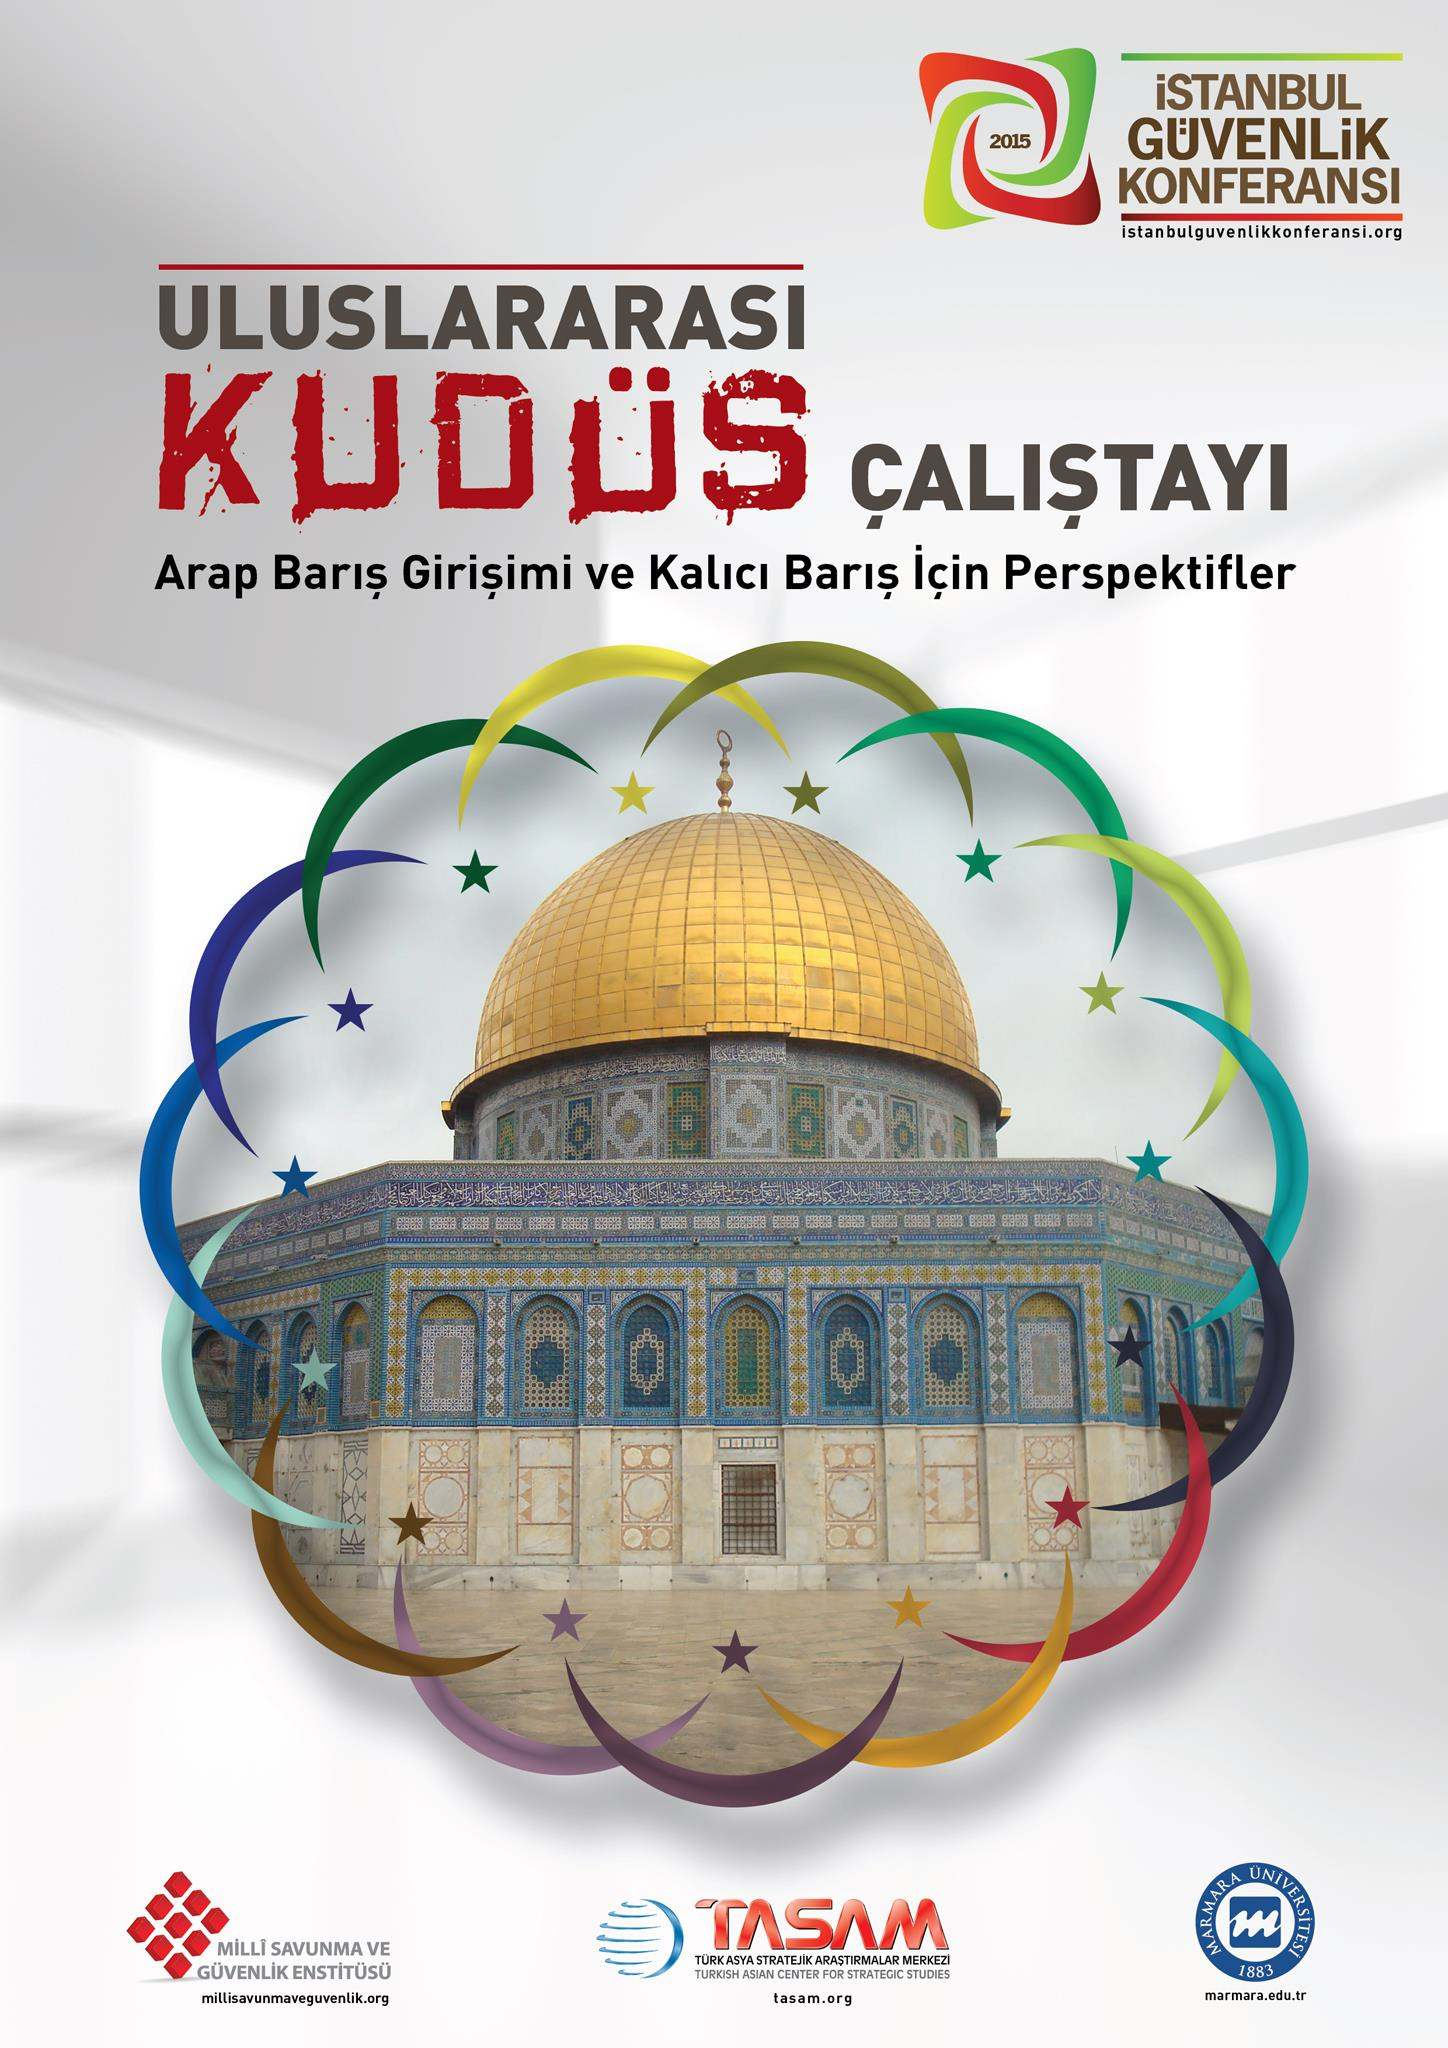 Uluslararası Kudüs Çalıştayı | İstanbul Güvenlik Konferansı 2015